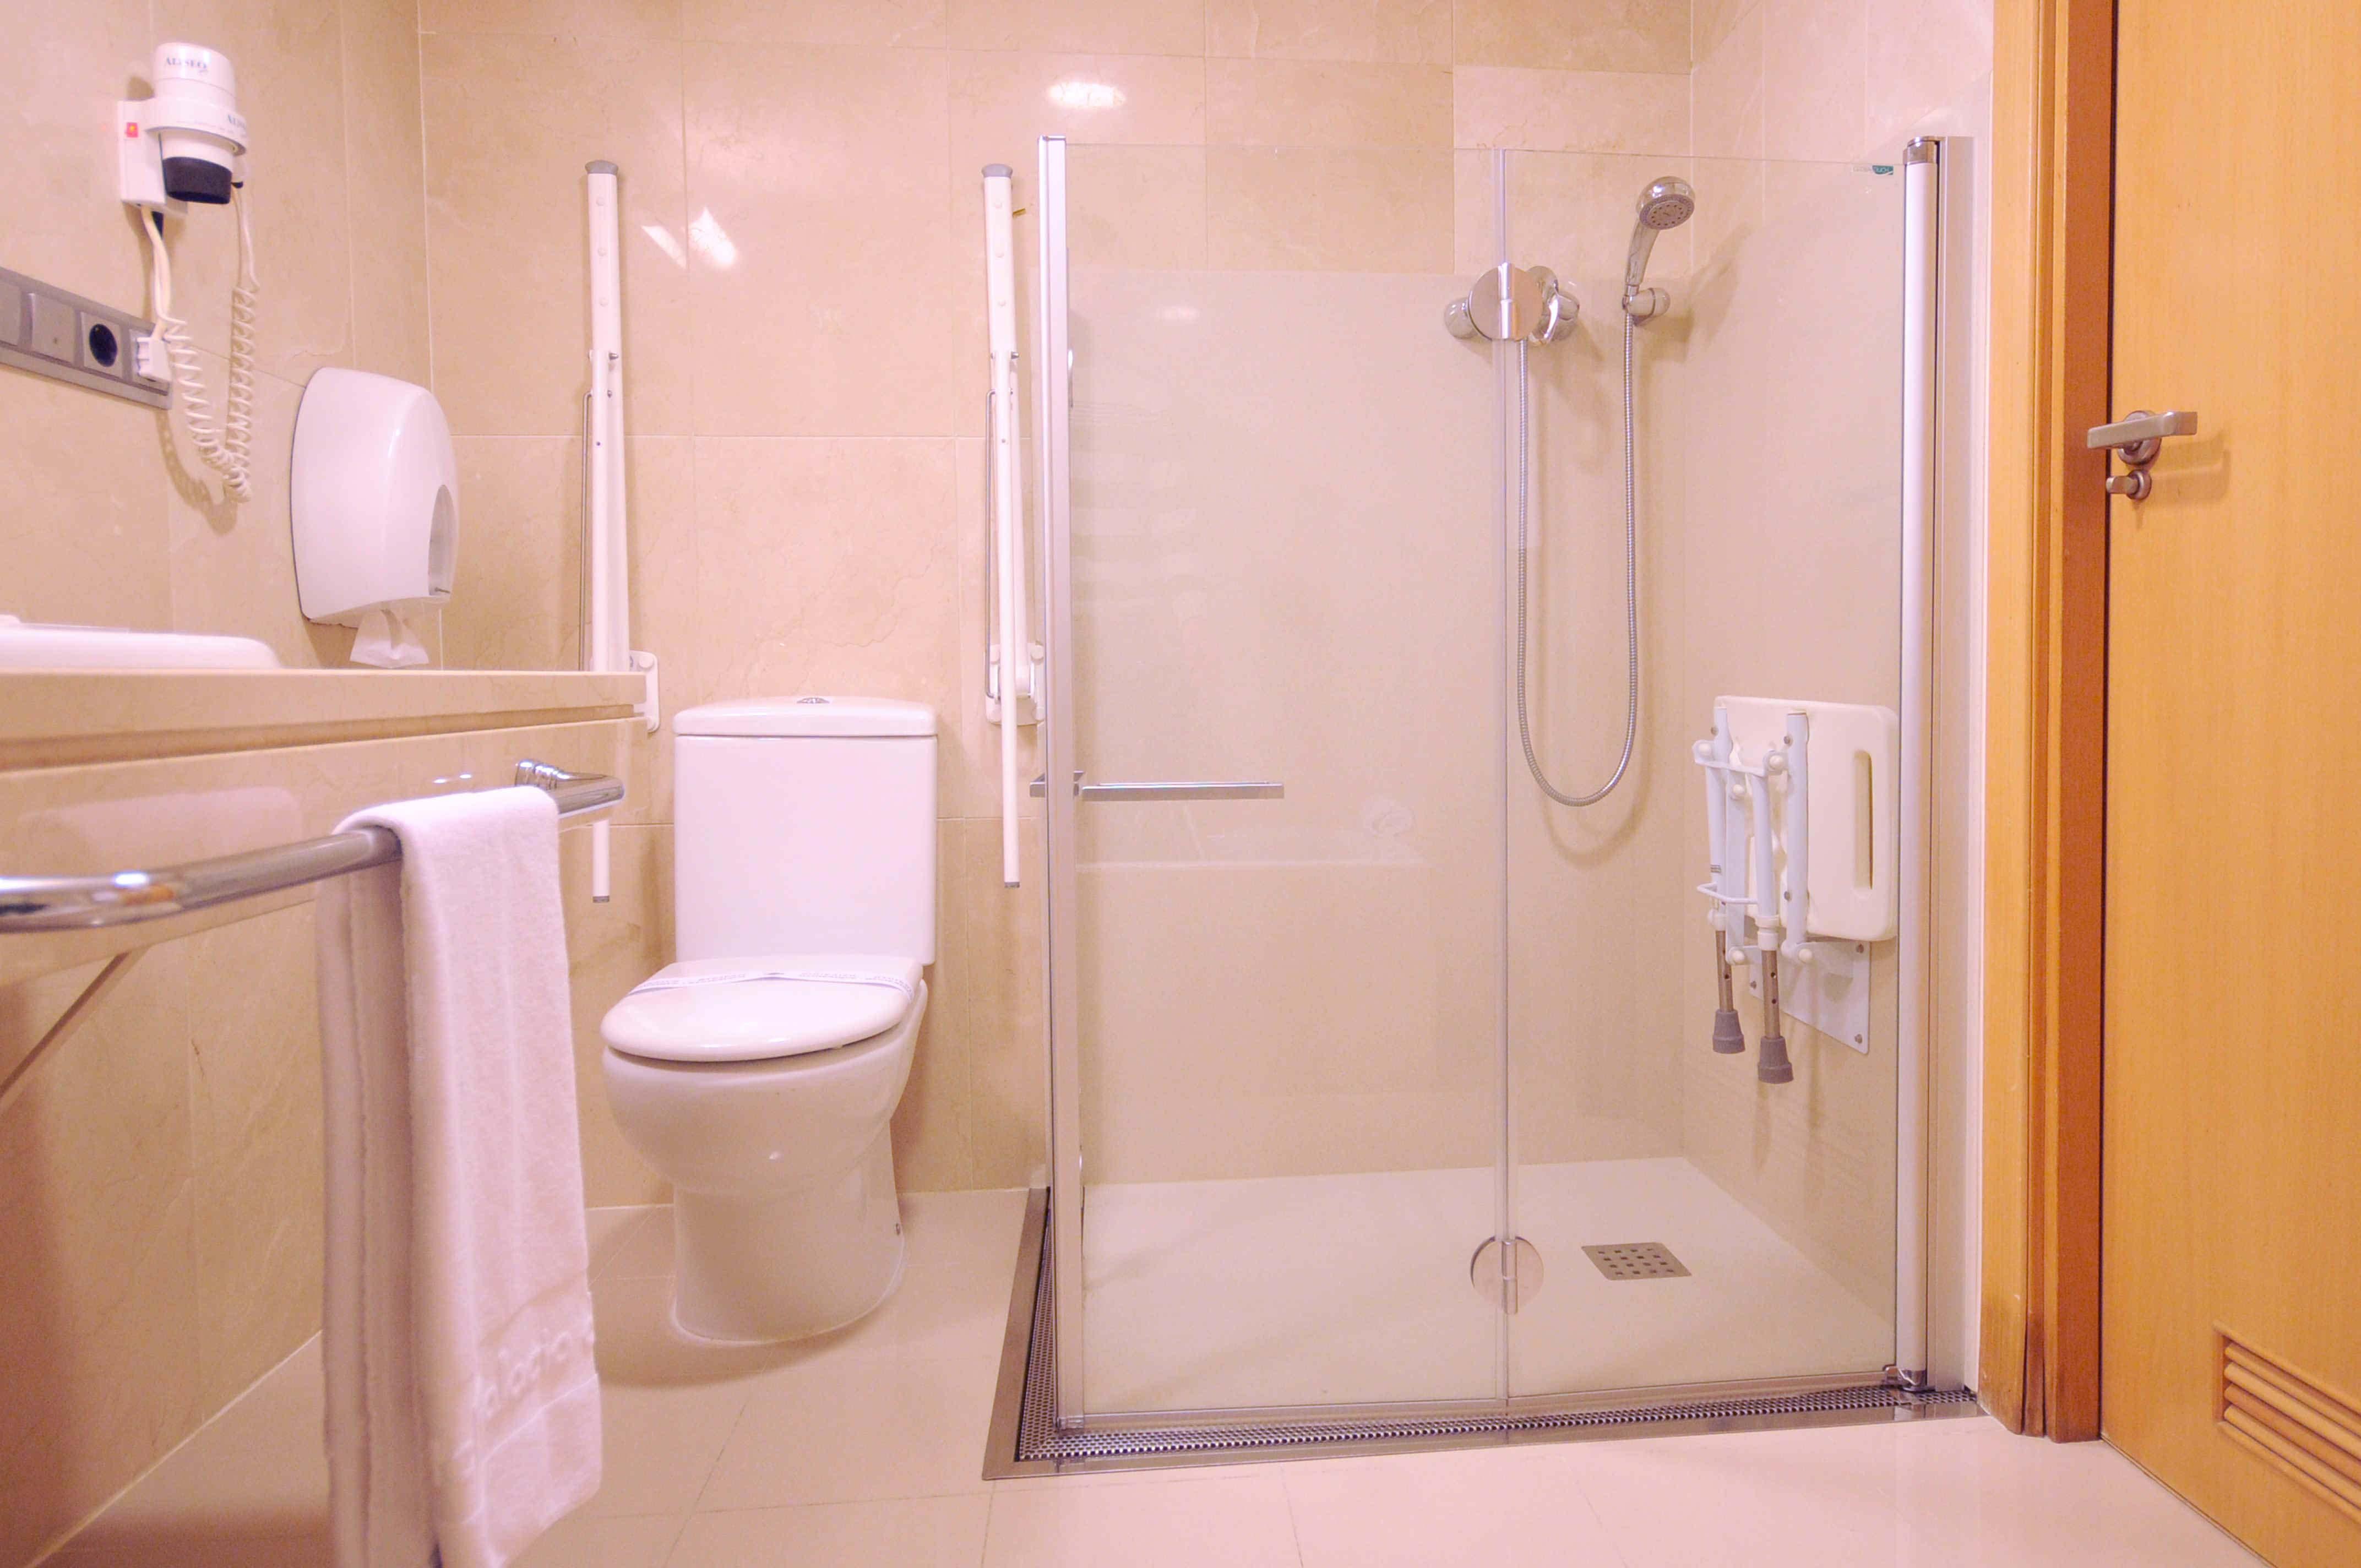 remplacement baignoire par douche de duchaya palacio de. Black Bedroom Furniture Sets. Home Design Ideas